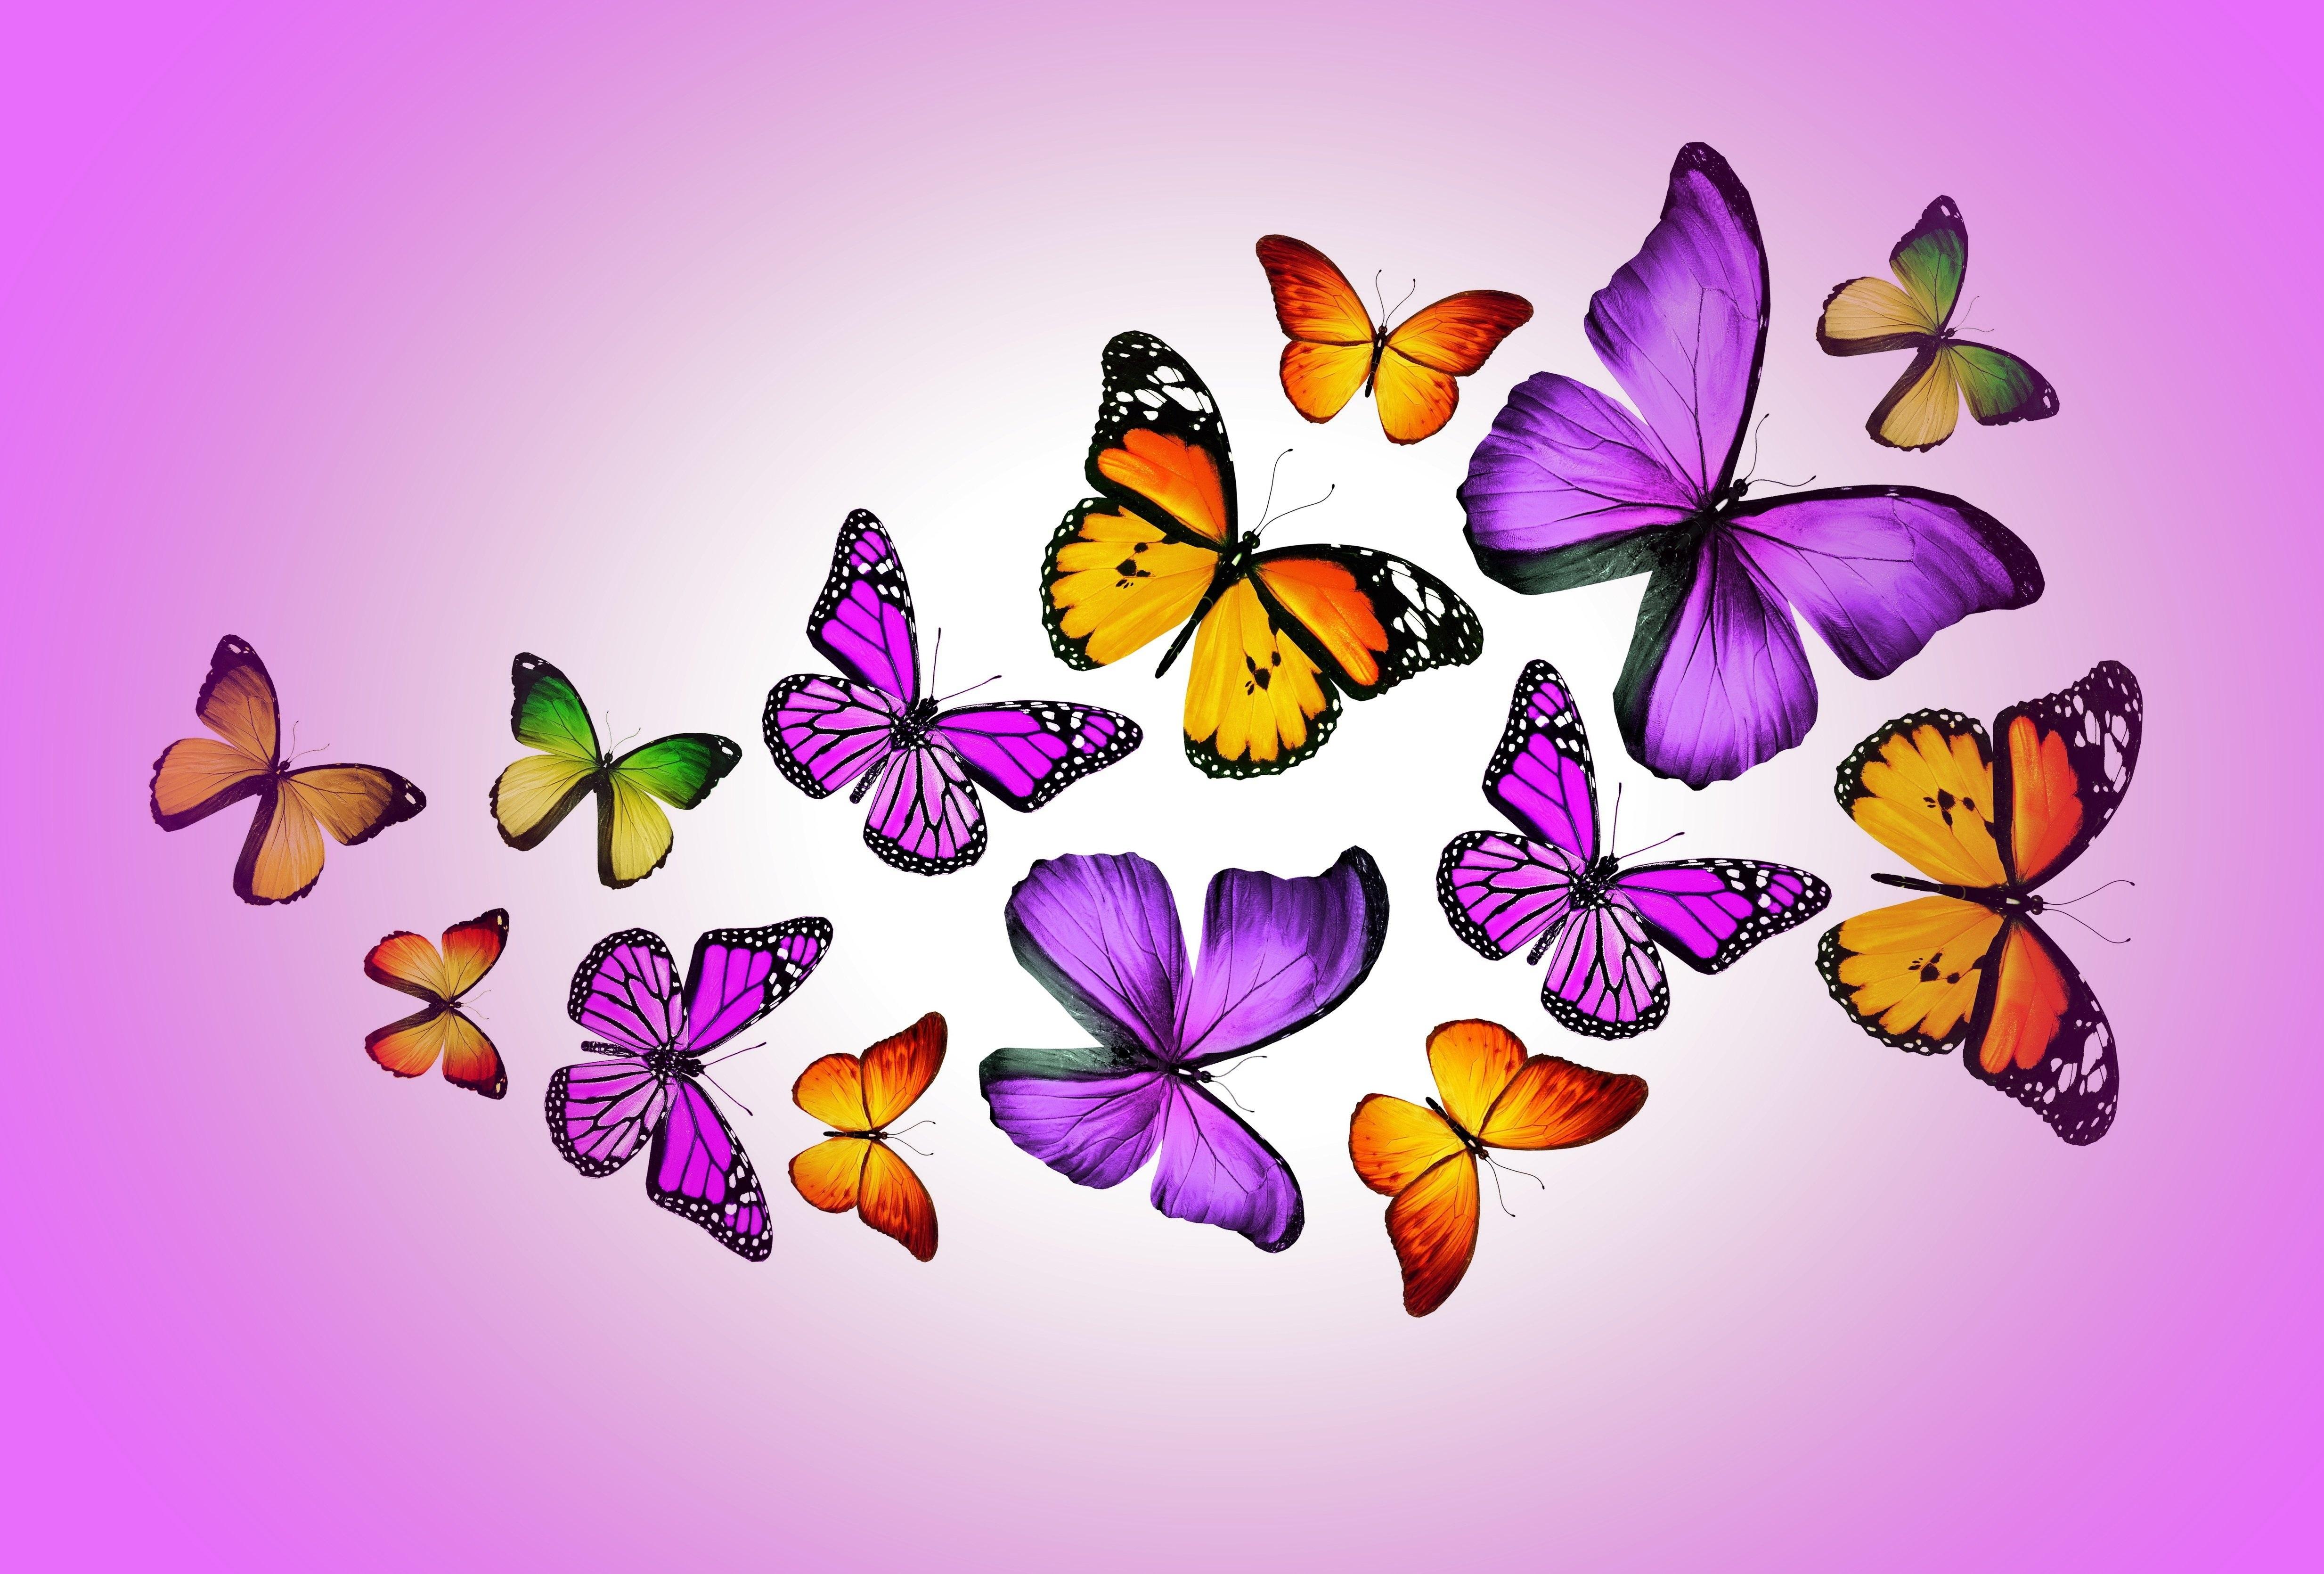 Бабочки картинки для открытки, маме дню учителя